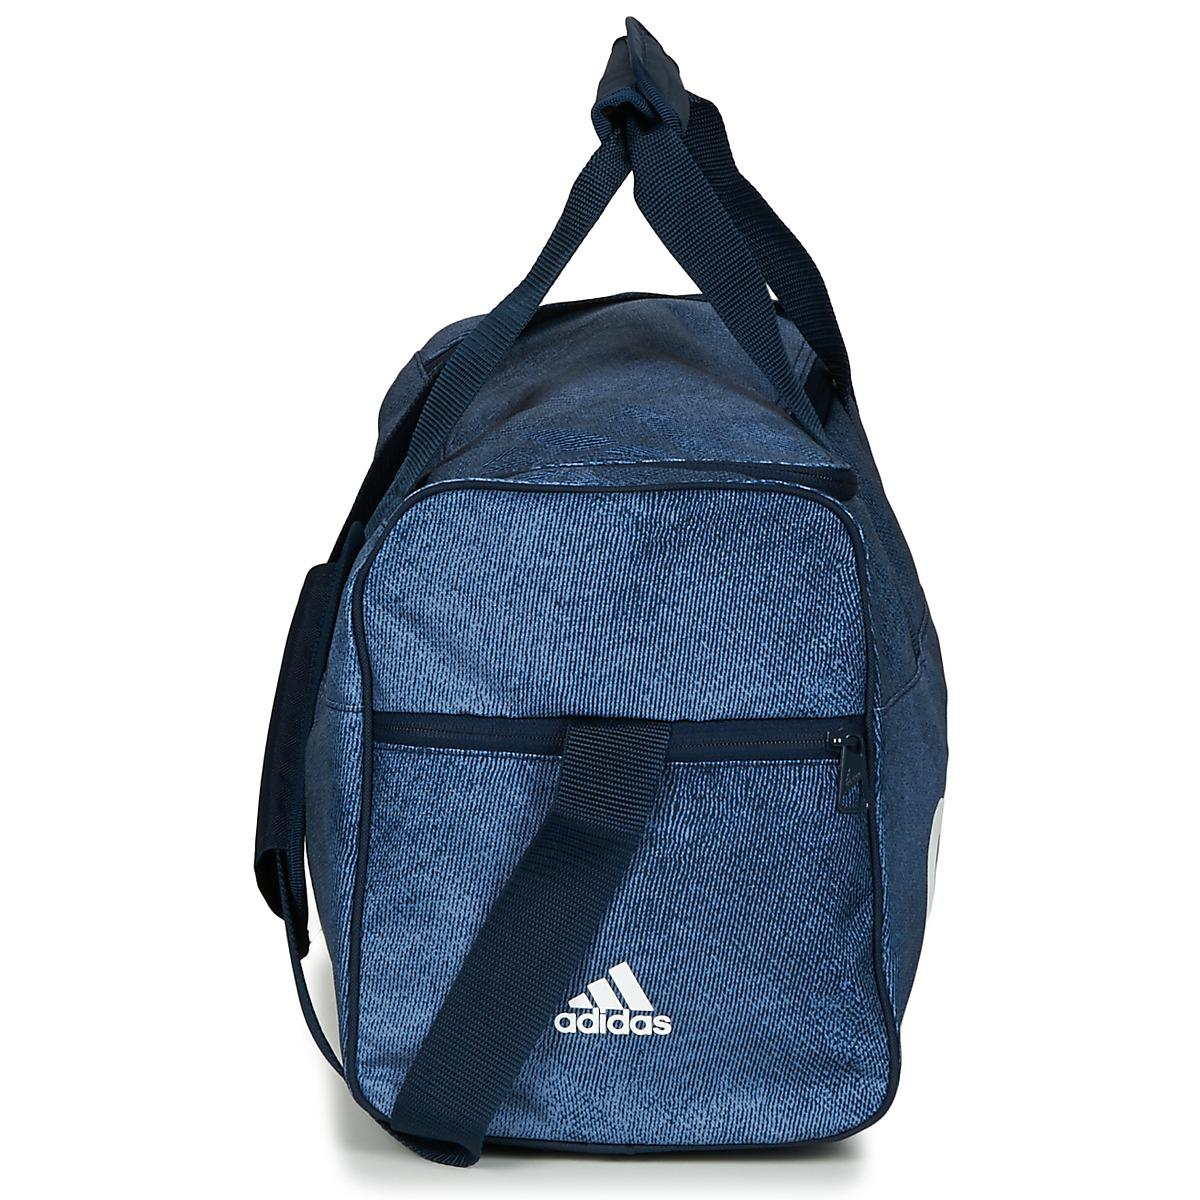 Bleu Per Lyst For Tb En De Sac Sport S Adidas Blue Lin Femmes Men erBdCxoW